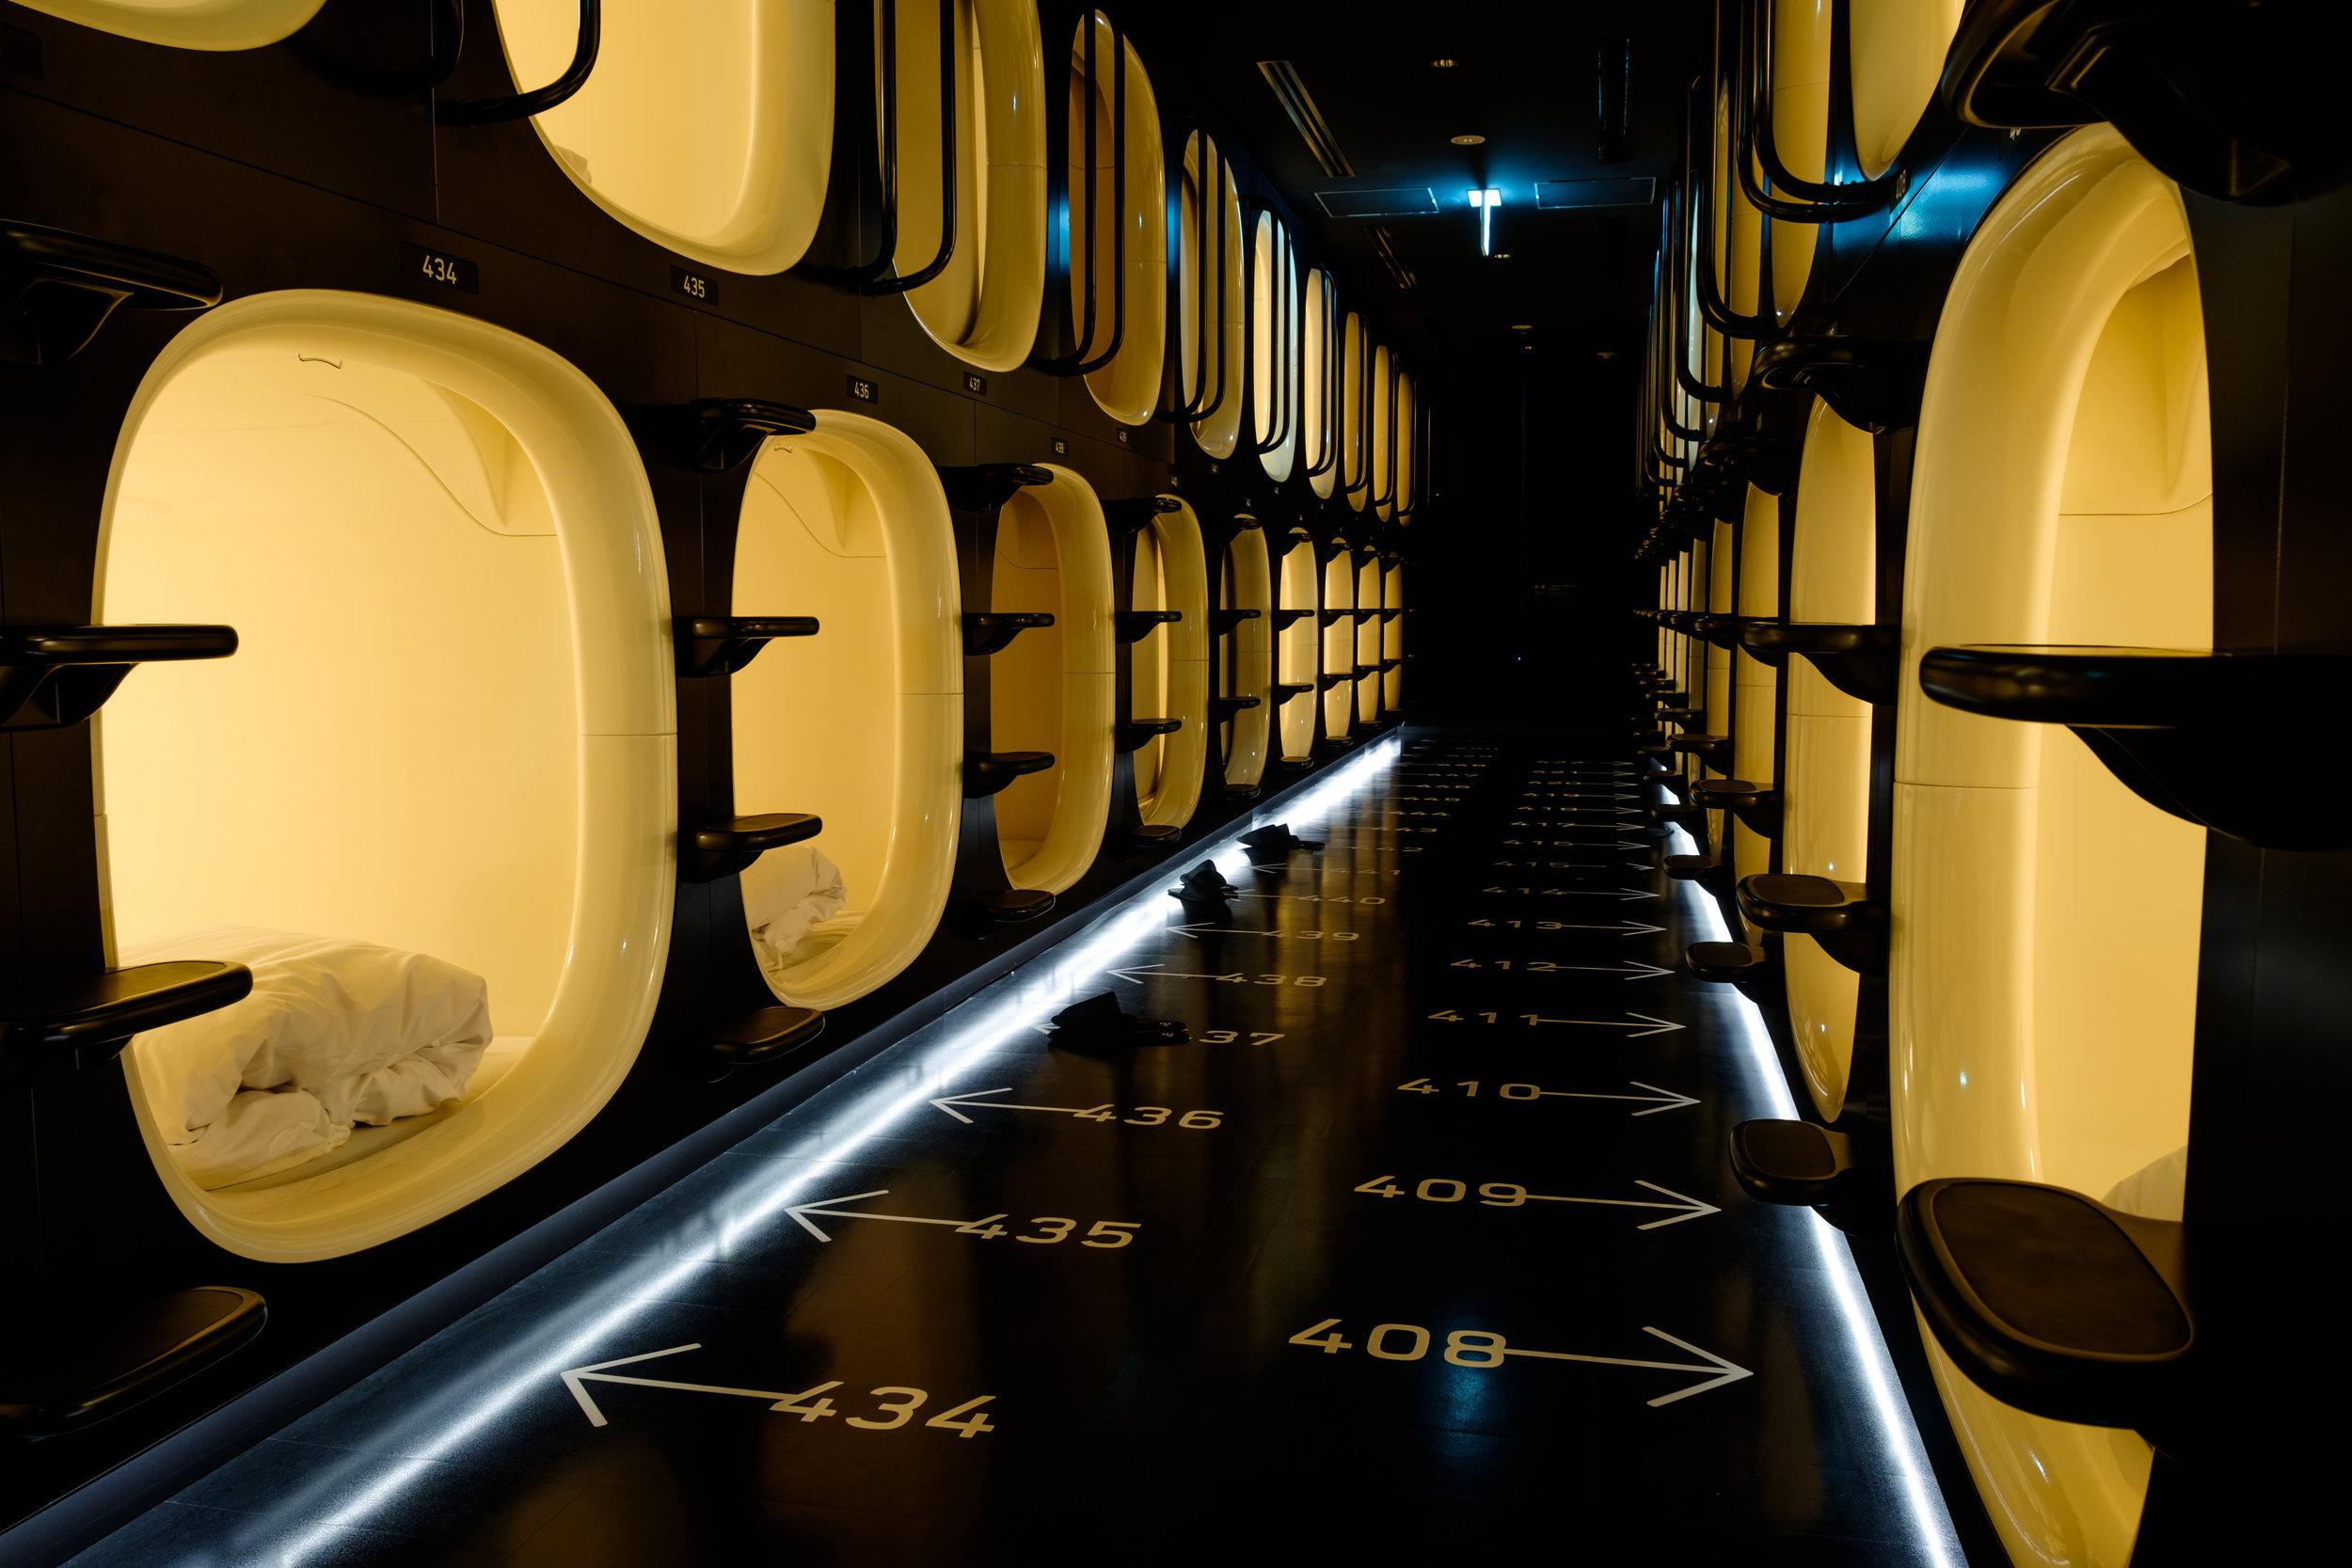 Quelques dizaines de « chambres » dans un hôtel-capsule.